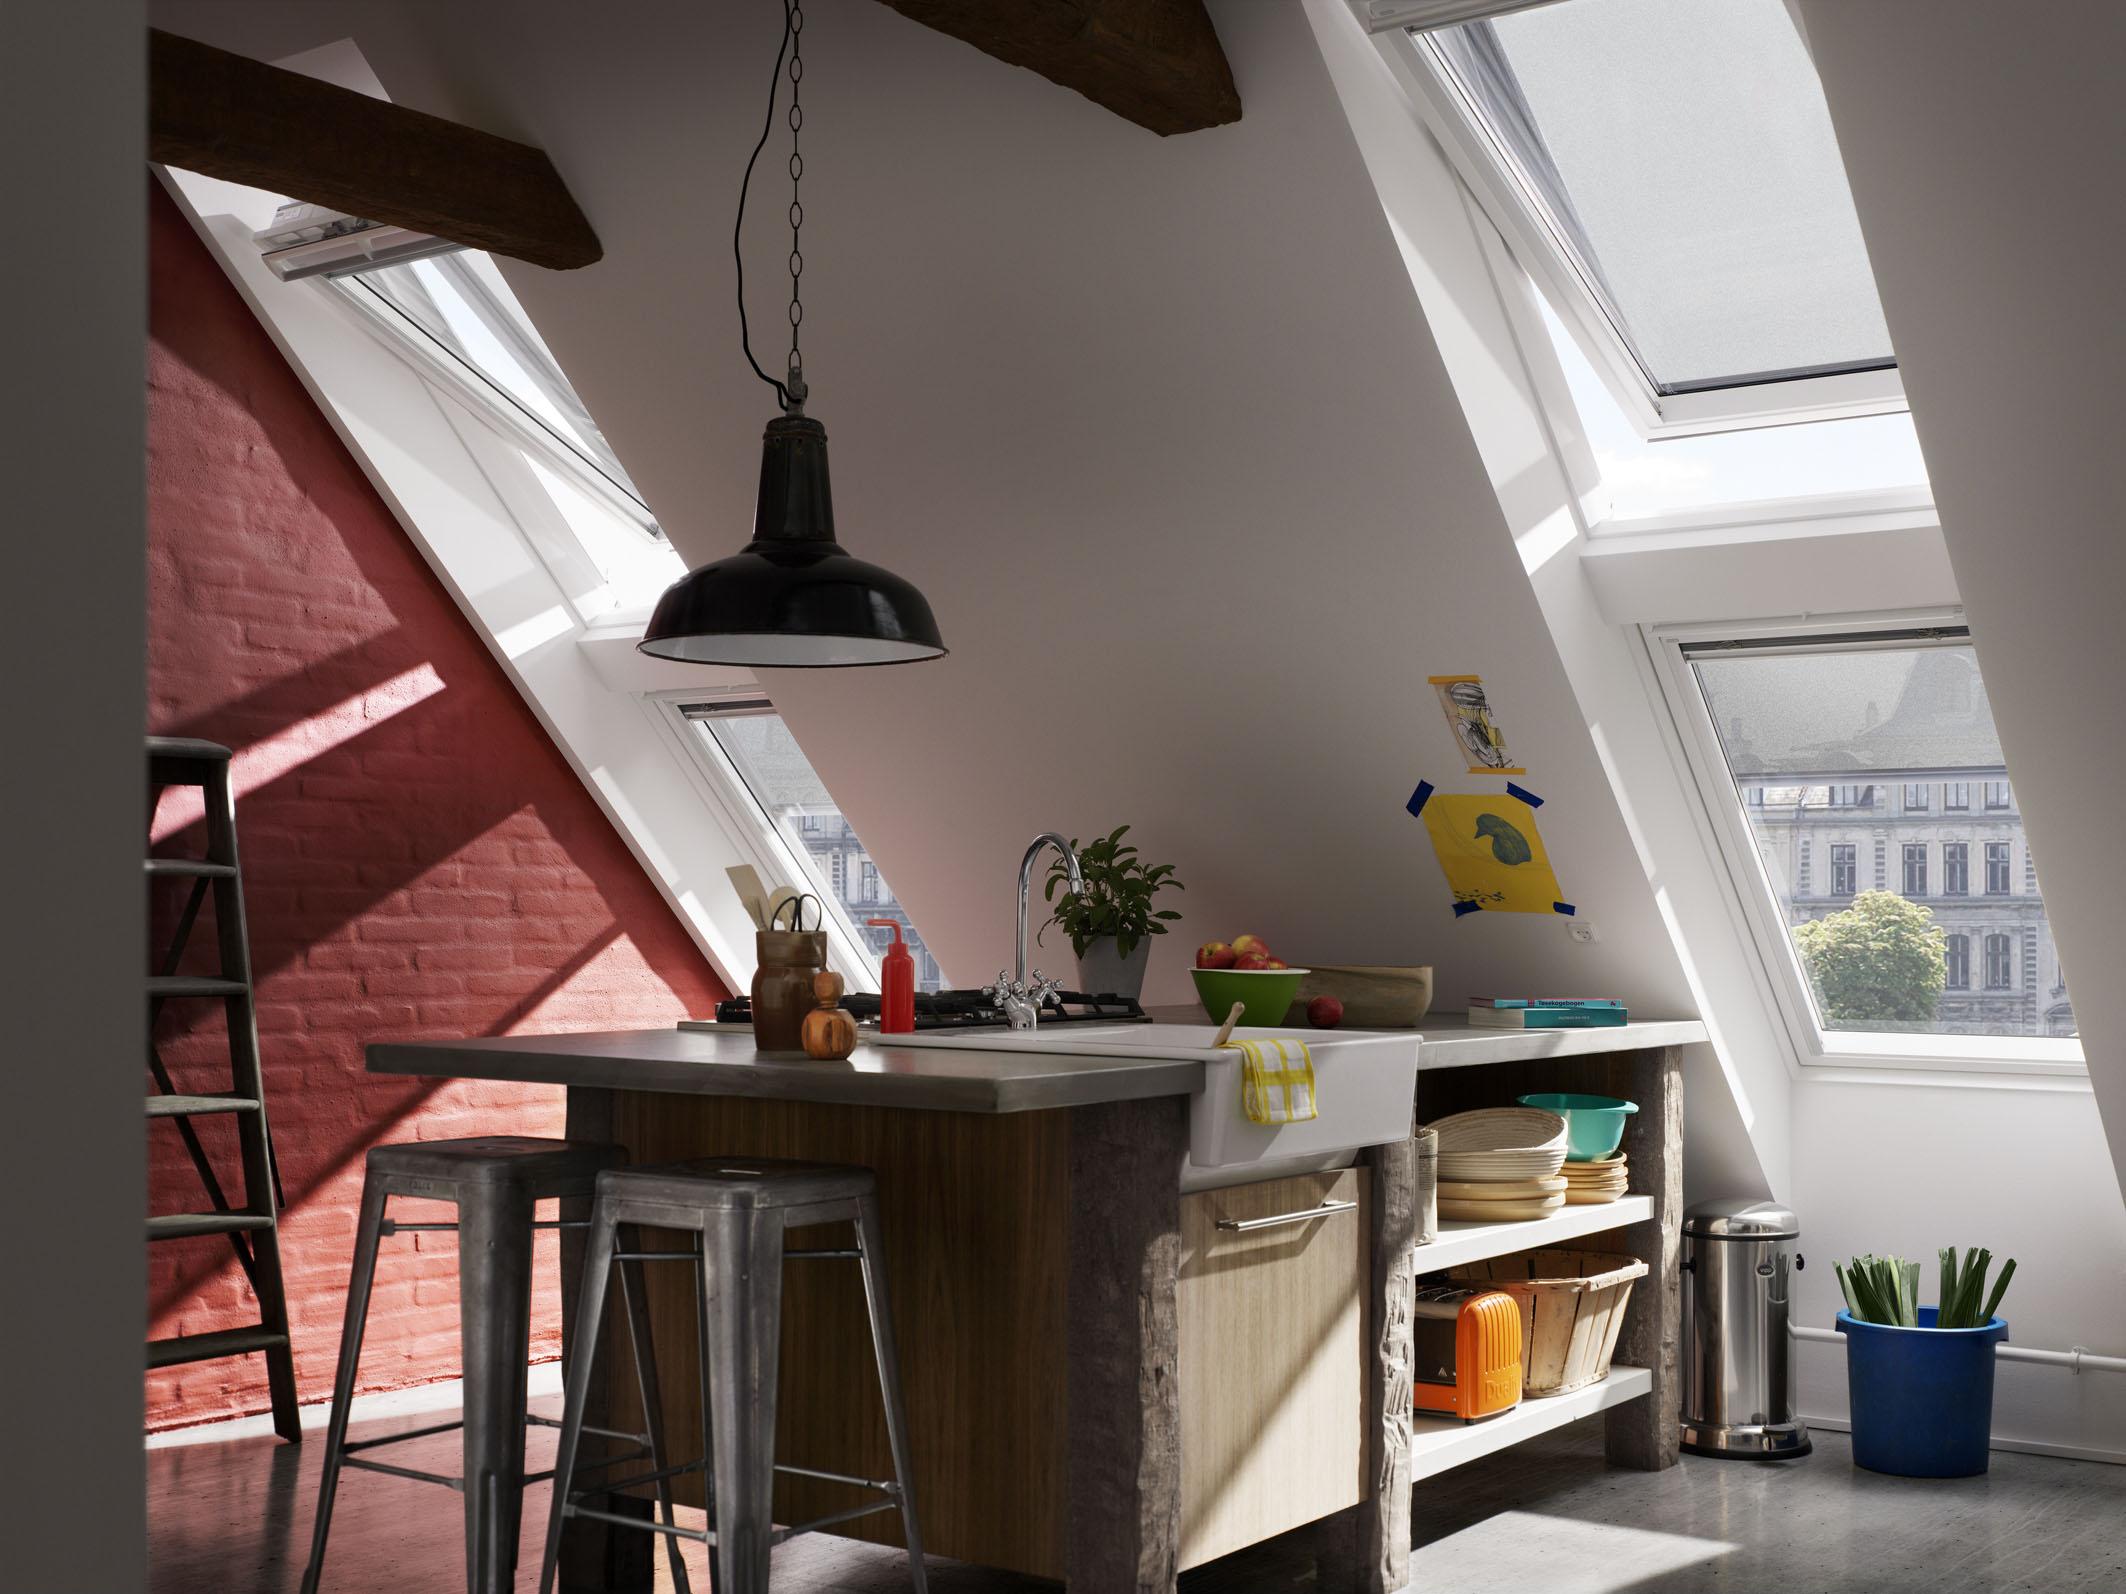 Full Size of Dachgeschosswohnung Einrichten Ikea Pinterest Bilder Kleine Schlafzimmer Beispiele Wohnzimmer Ideen Tipps Küche Badezimmer Wohnzimmer Dachgeschosswohnung Einrichten